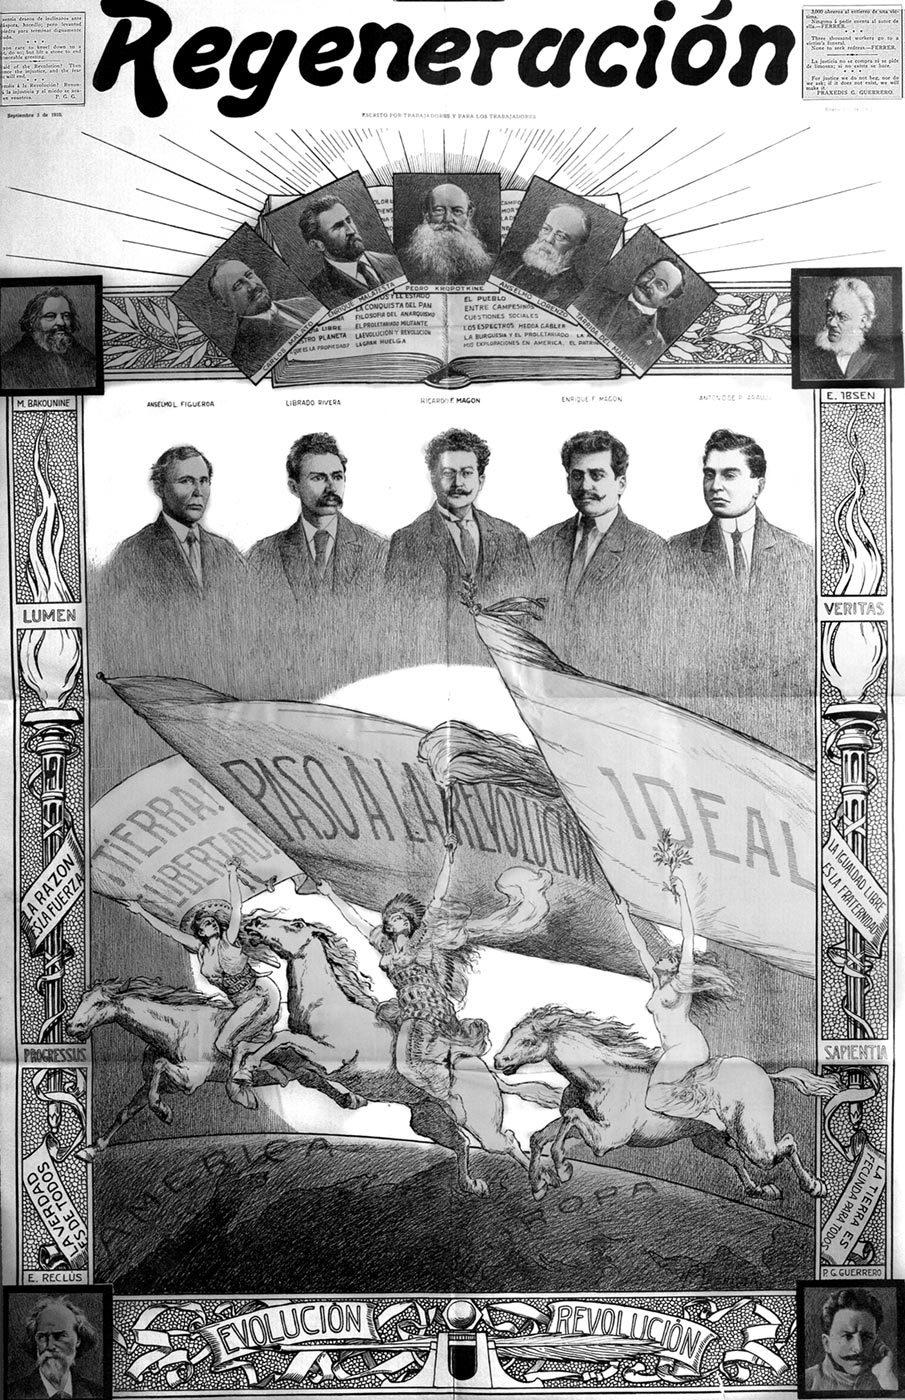 Fermín Sagristà. Poster included in Regeneración no. 122, January 1, 1913. Courtesy of El Archivo Electrónico Ricardo Flores Magón and Vincent Price Museum.